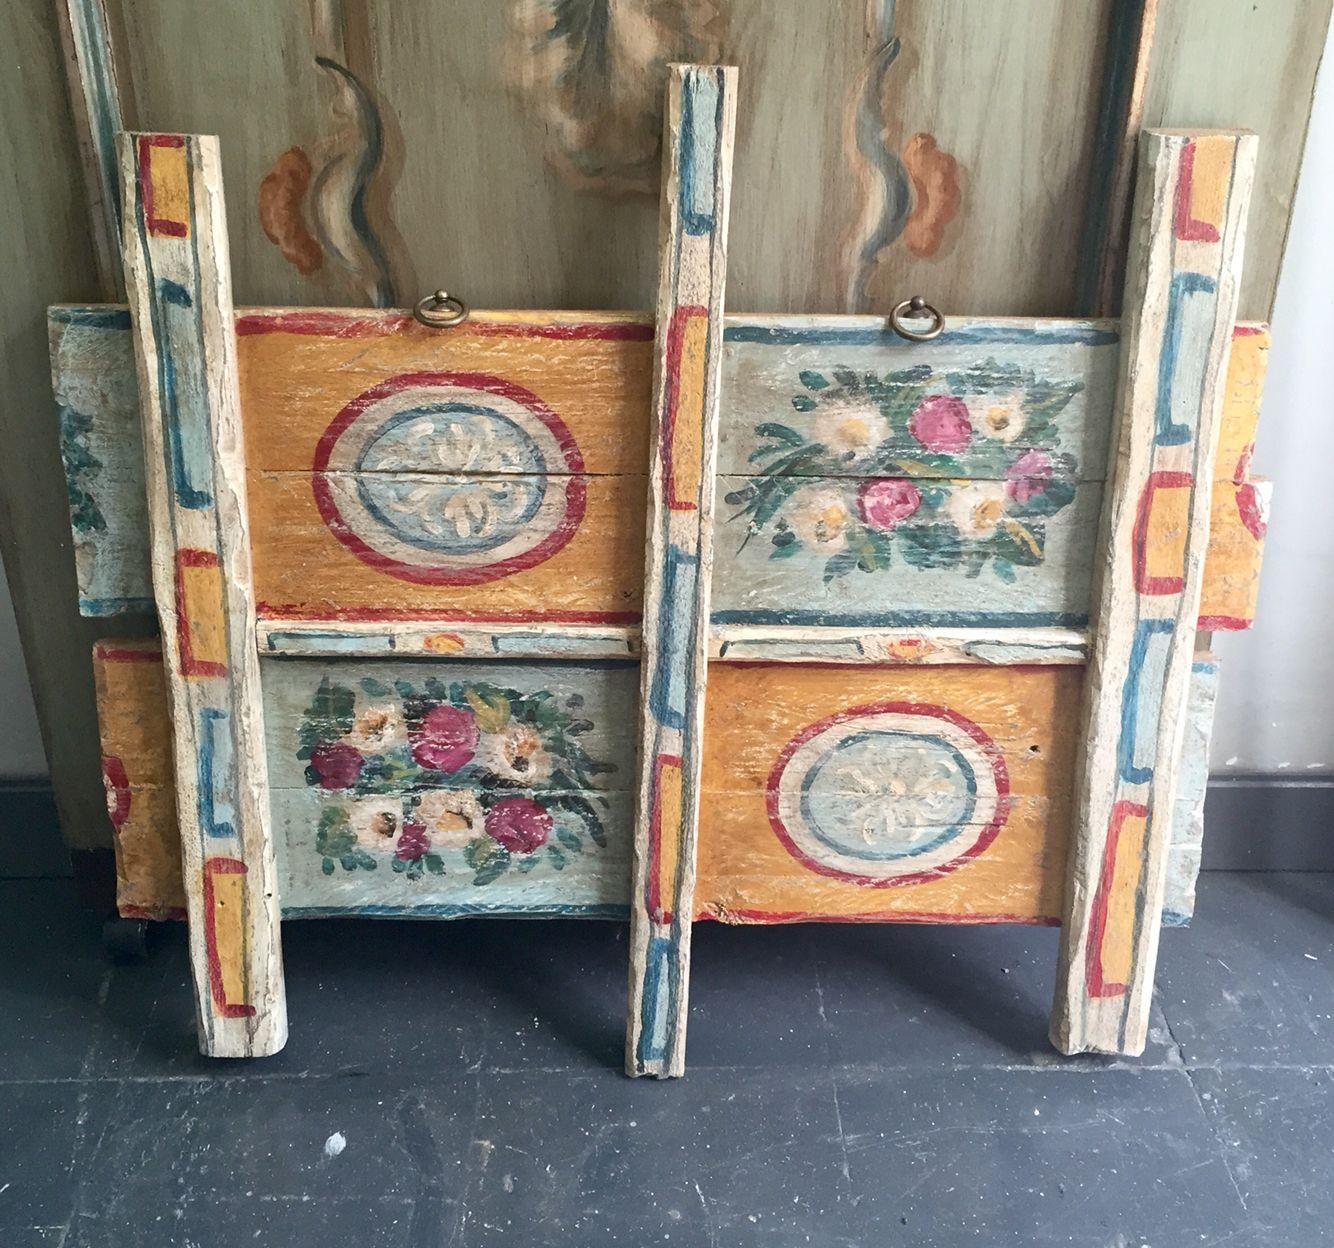 realizzazione su vecchie tavole in legno dipinta a mano